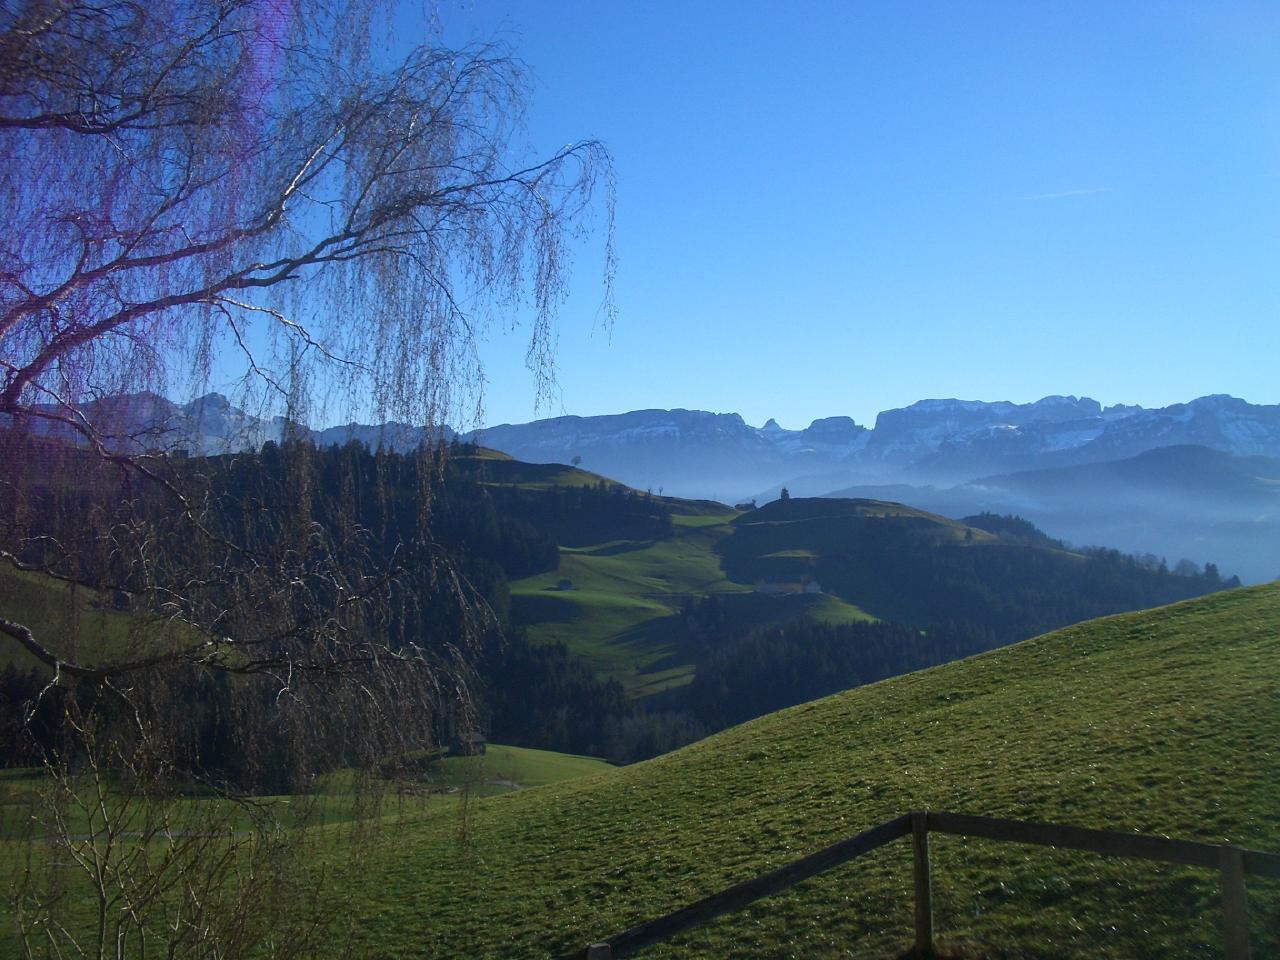 Ferienwohnung Alpsteinblick (2545980), Appenzell, Appenzellerland, Ostschweiz, Schweiz, Bild 2